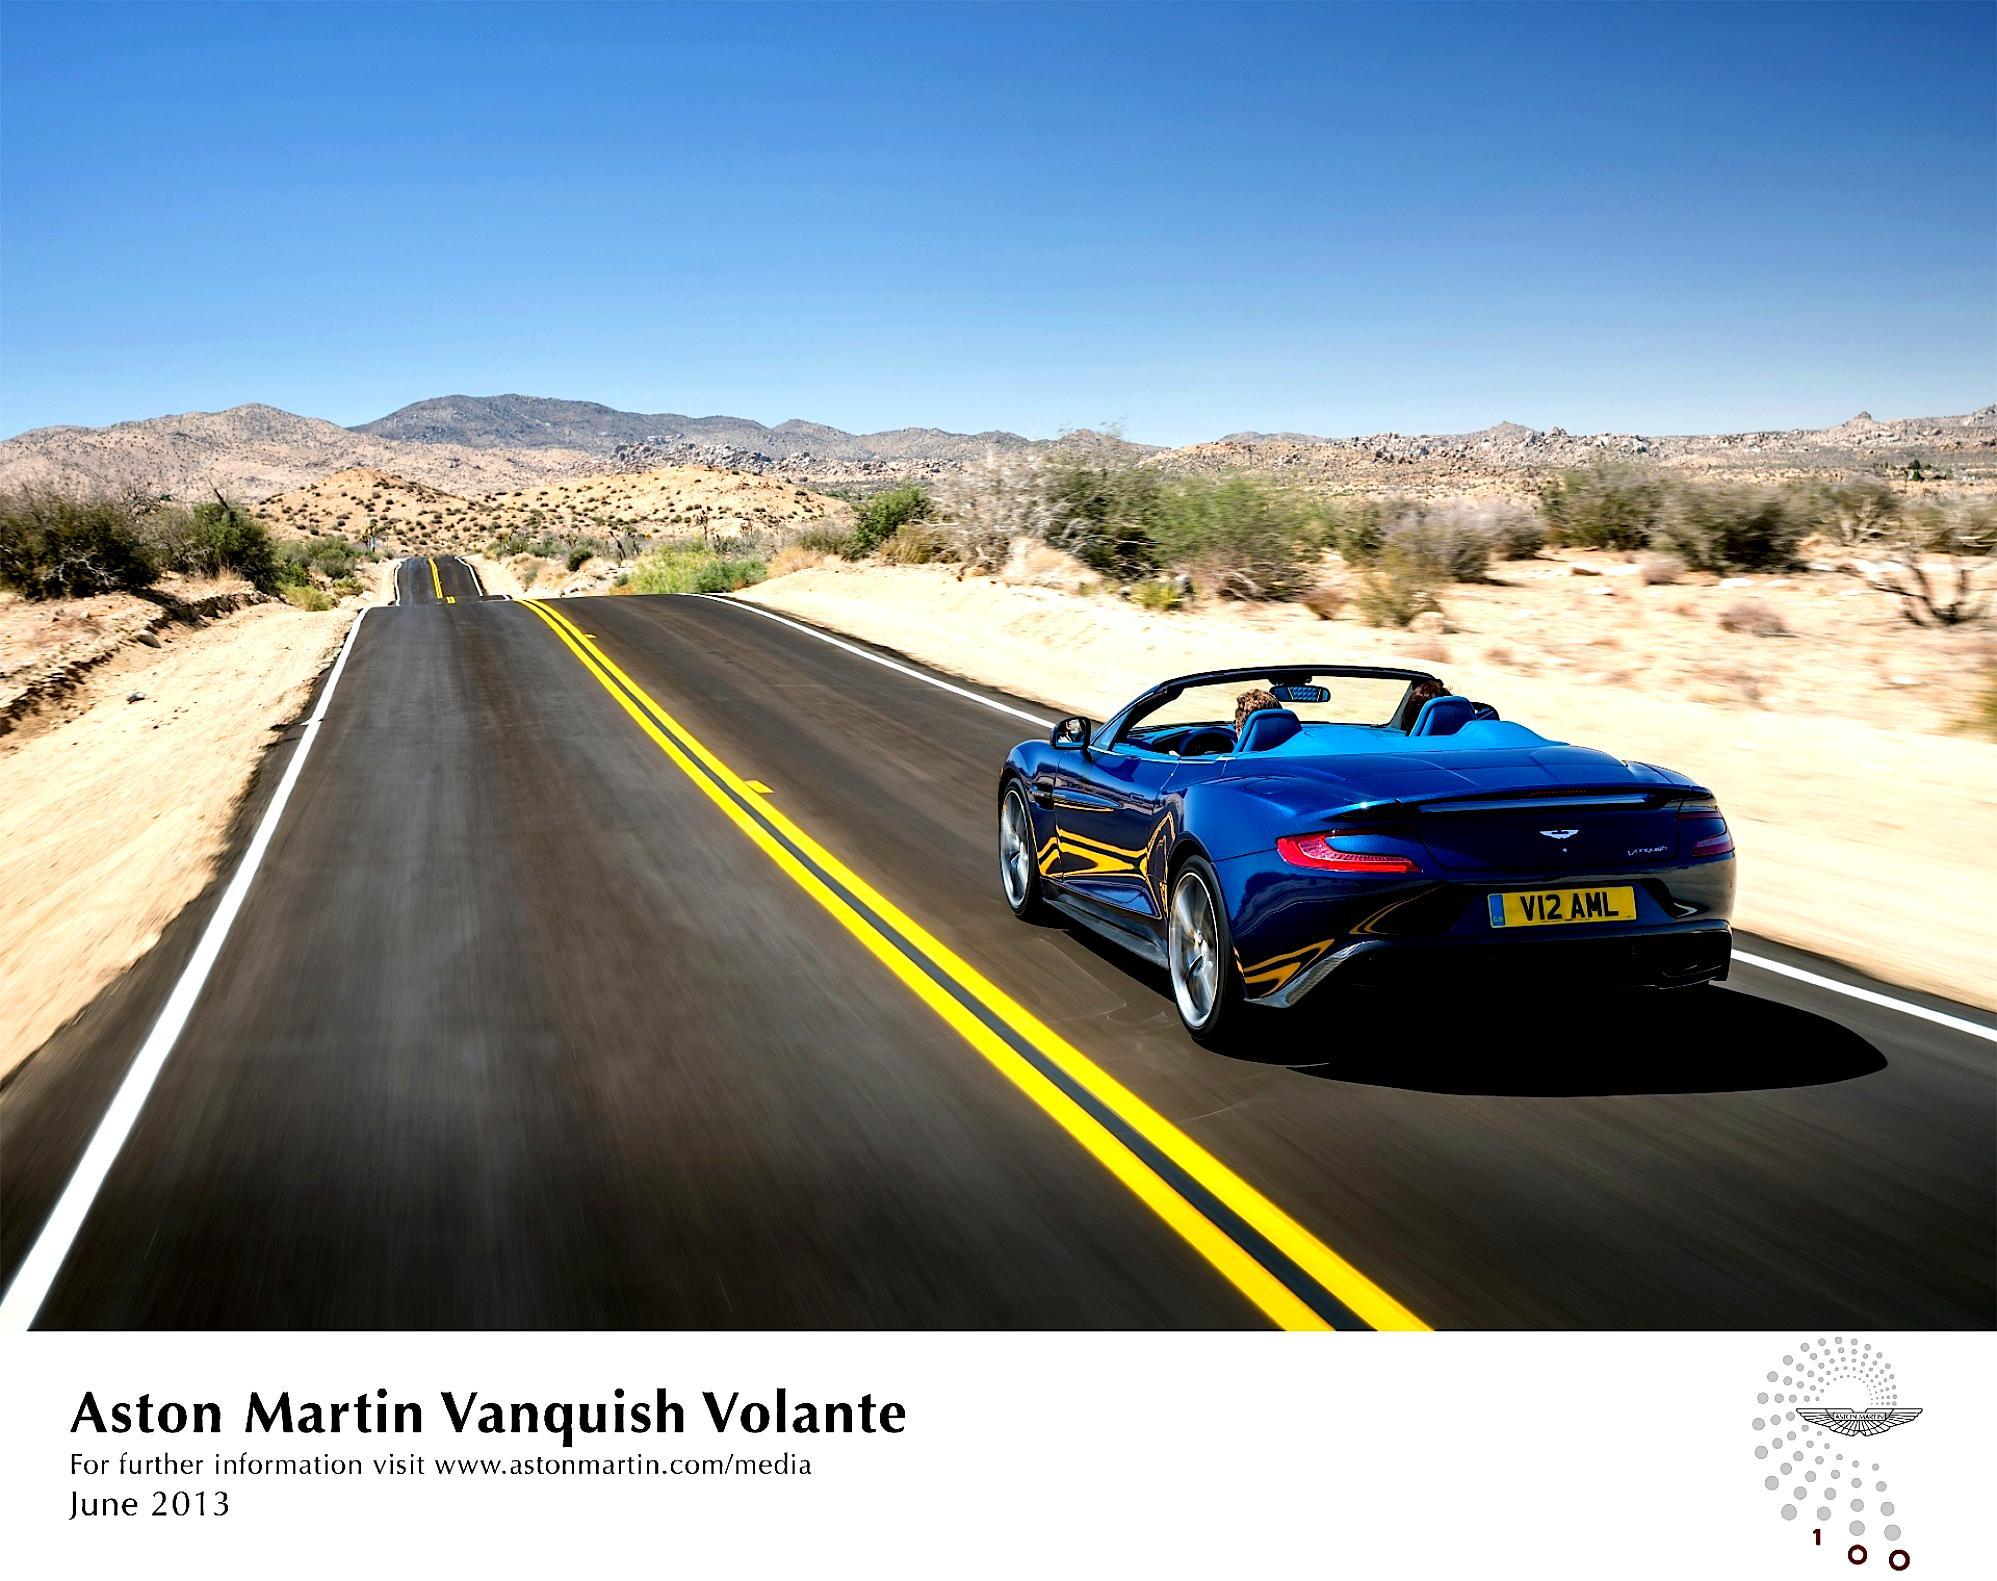 Aston martin на пустынной дороге бесплатно